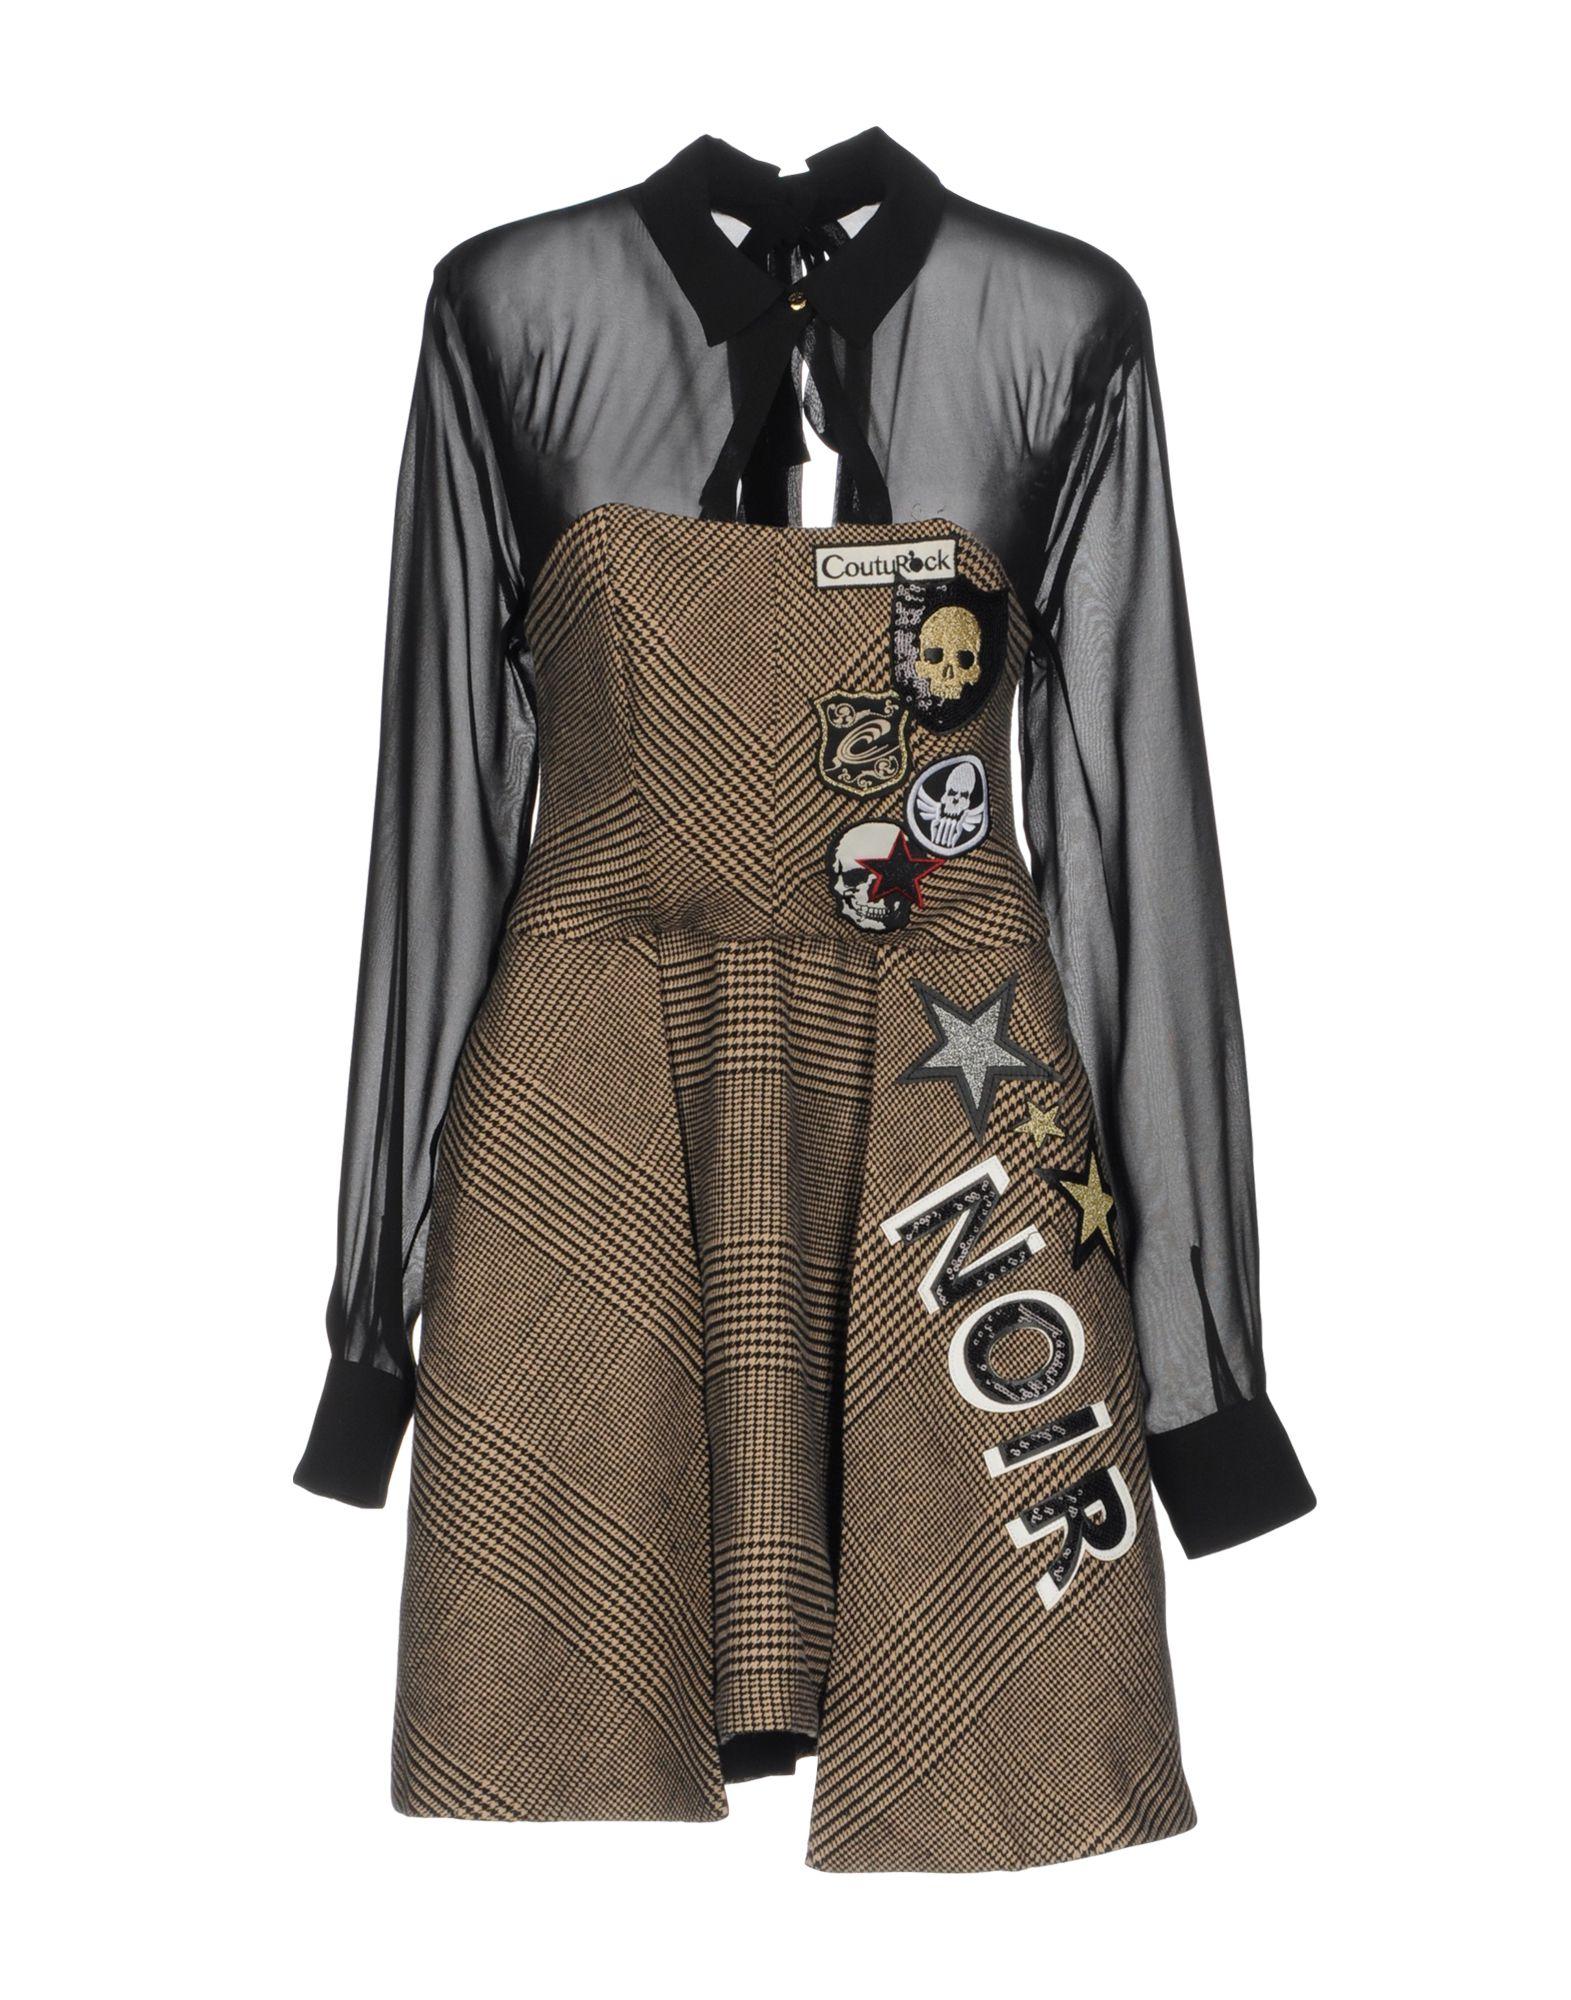 Vestito Corto Mangano Donna - Acquista online su MykvqsM